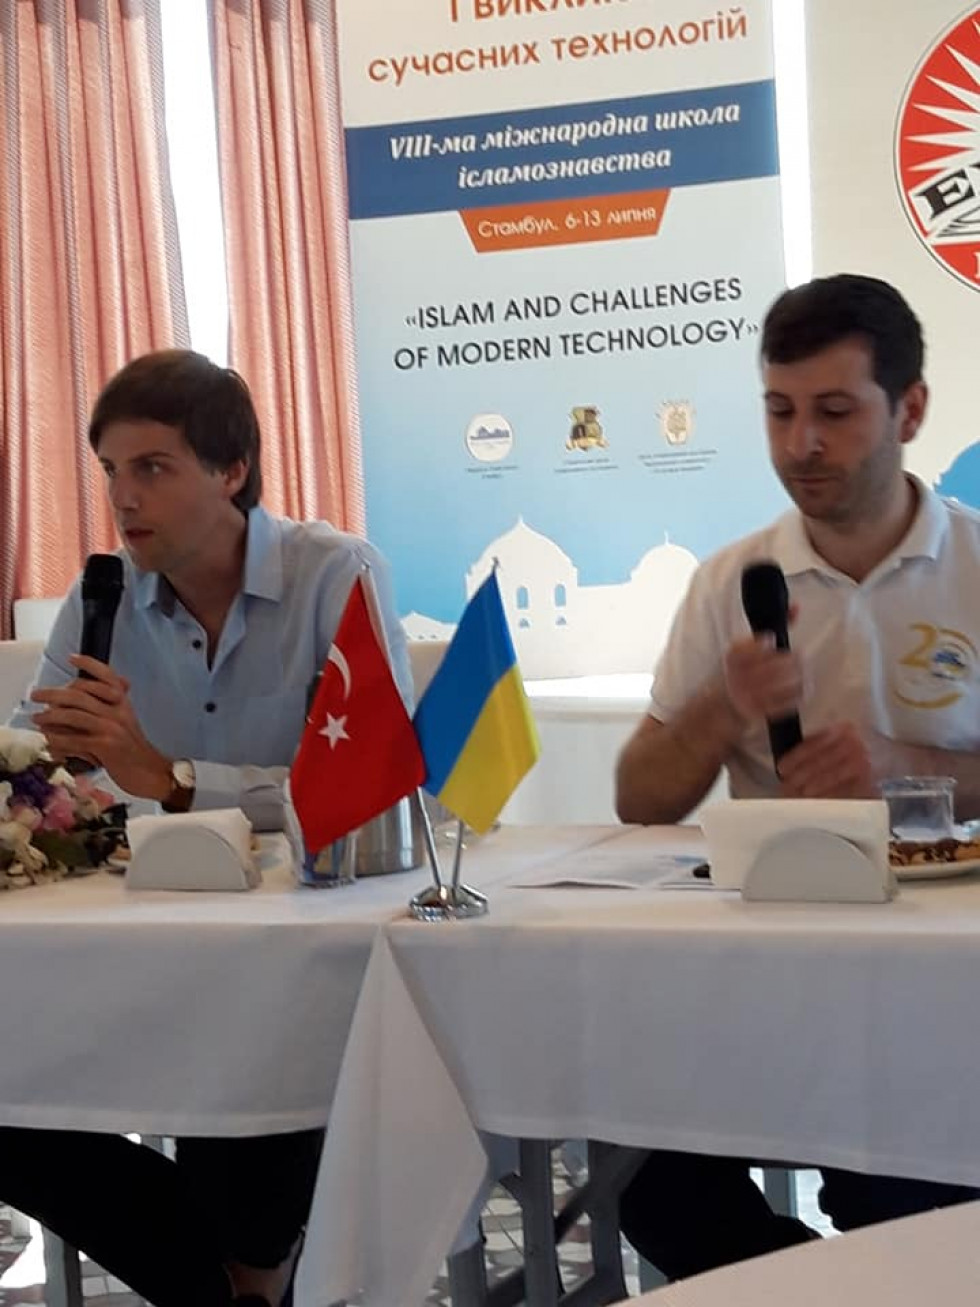 Викладач із Острога Михайло Якубович ліворуч